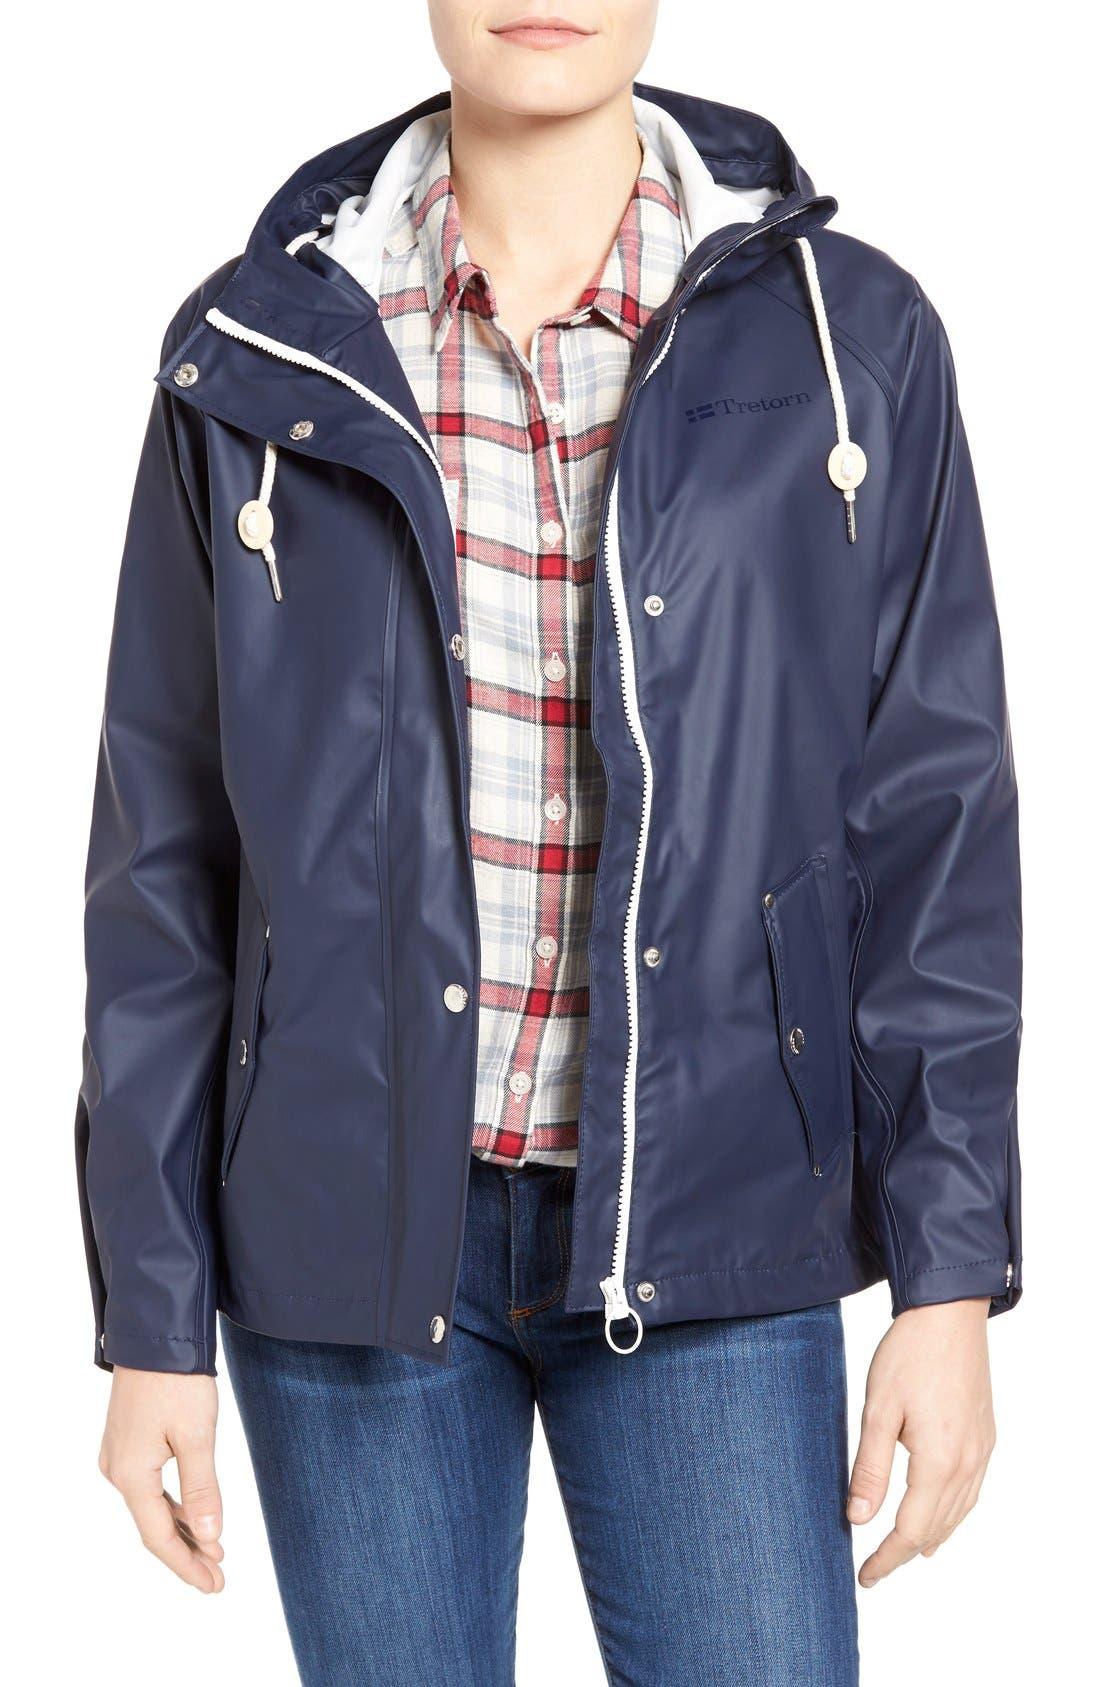 Alternate Image 1 Selected - Tretorn 'Tora' Hooded Rain Jacket